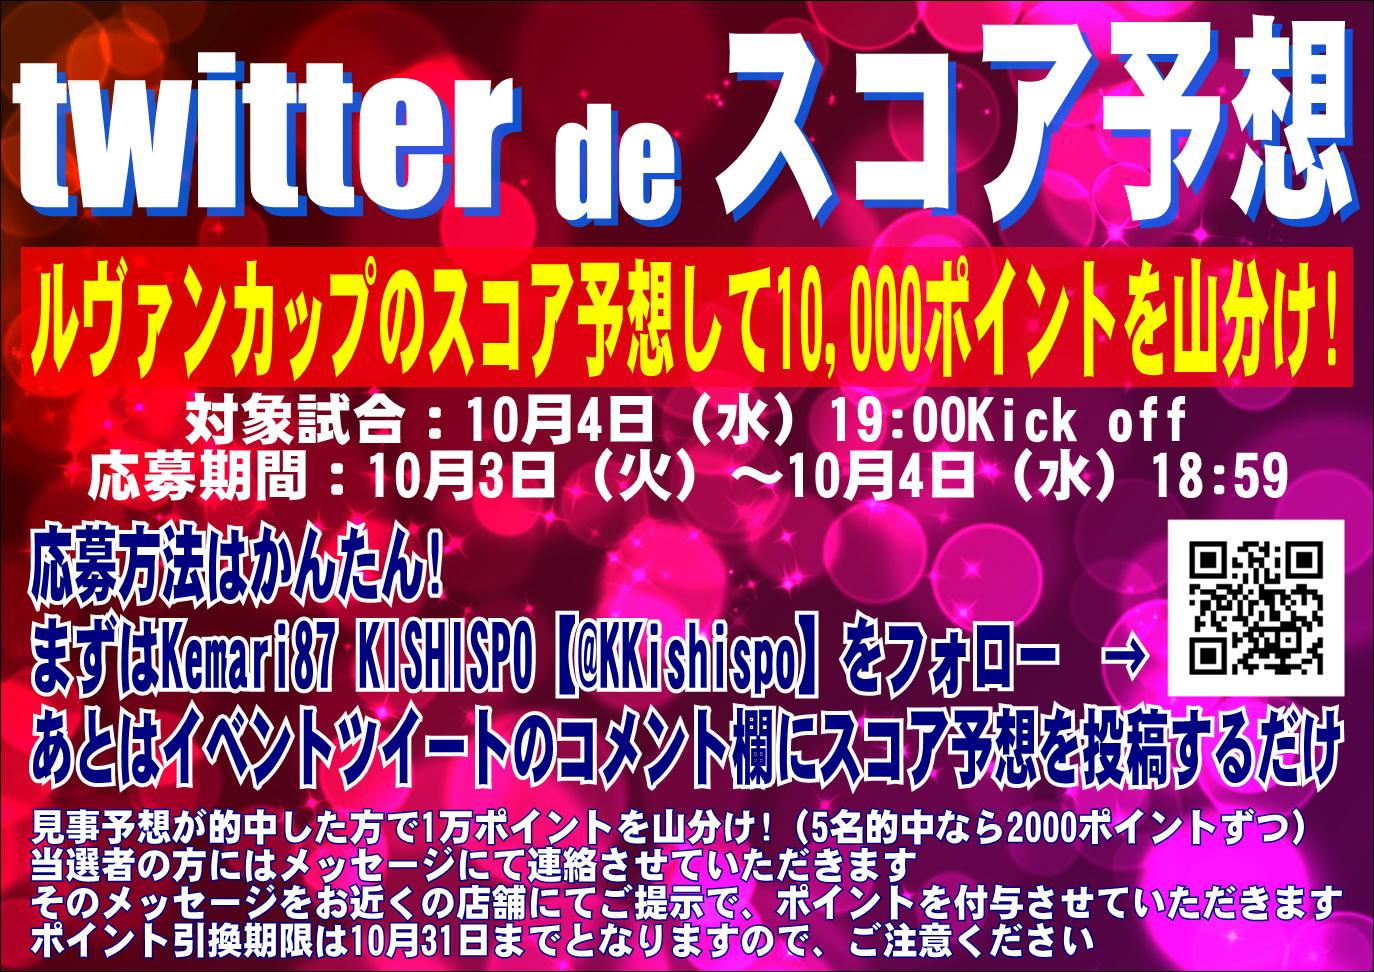 【10,000ポイント当たるかも!?】   Twitter de スコア予想 第2弾開催!